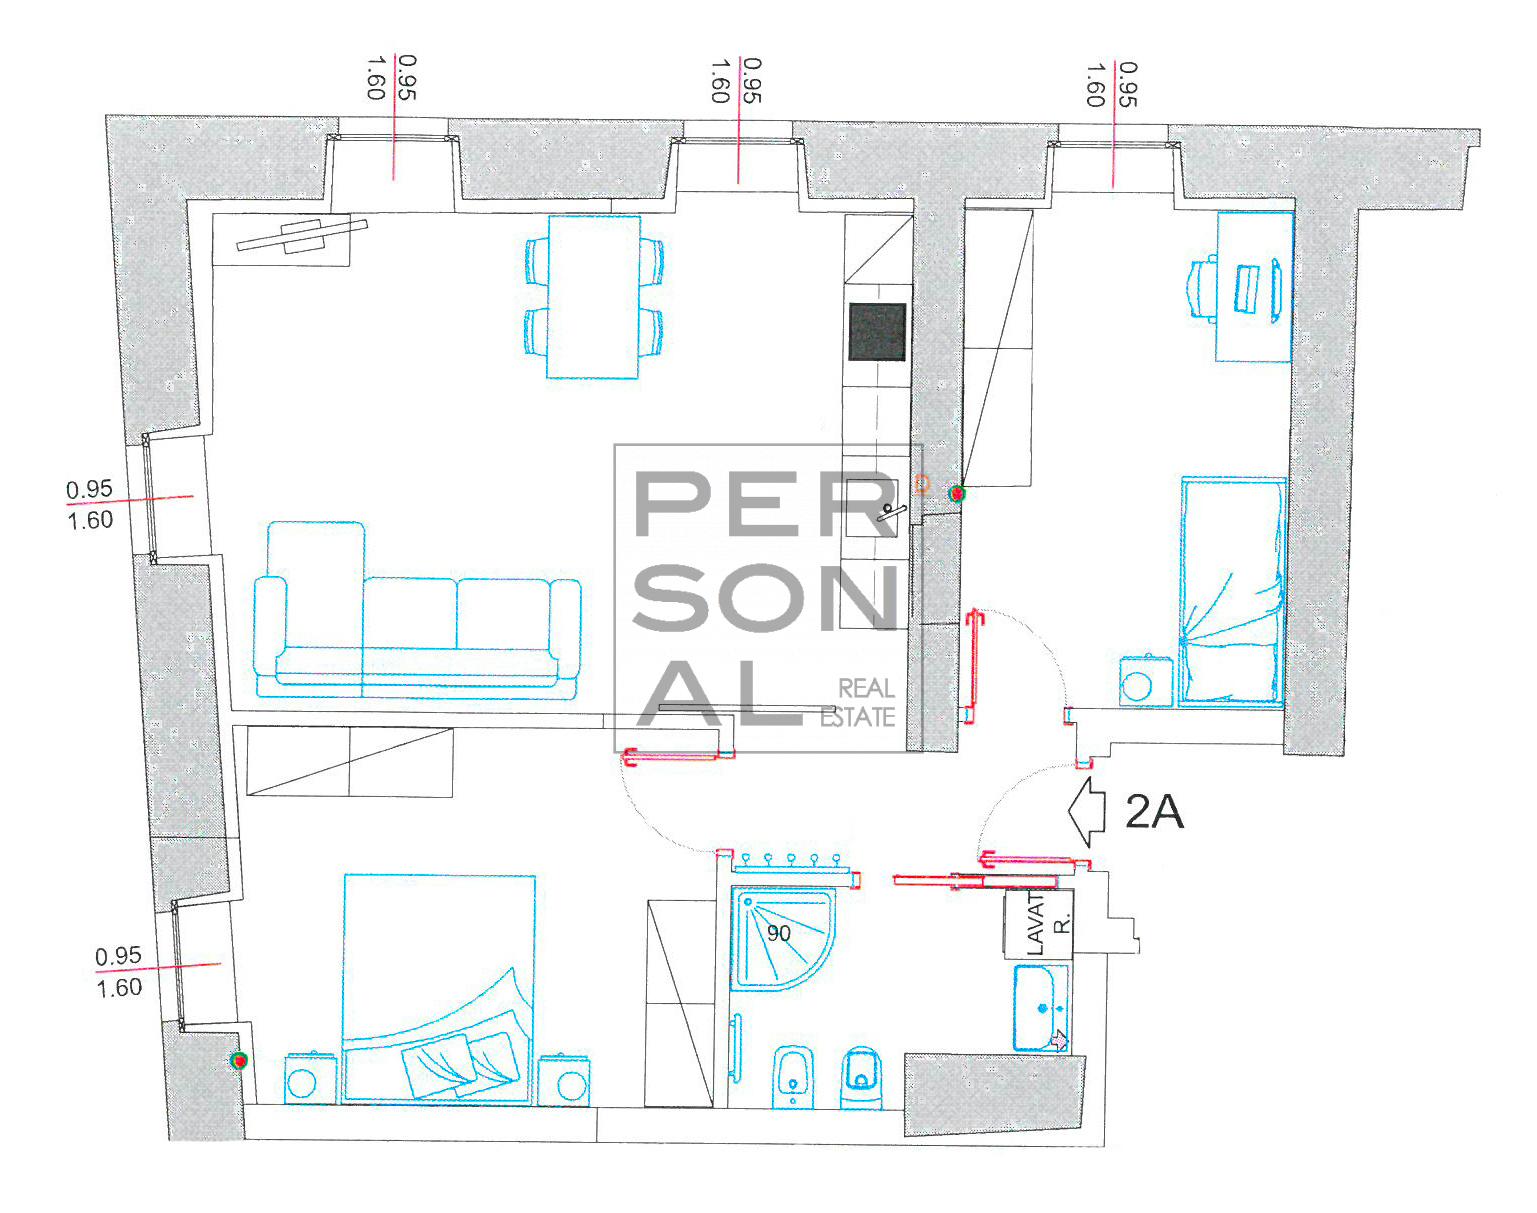 Appartamento in Affitto a Trento - Cod. XP-AFF-2A